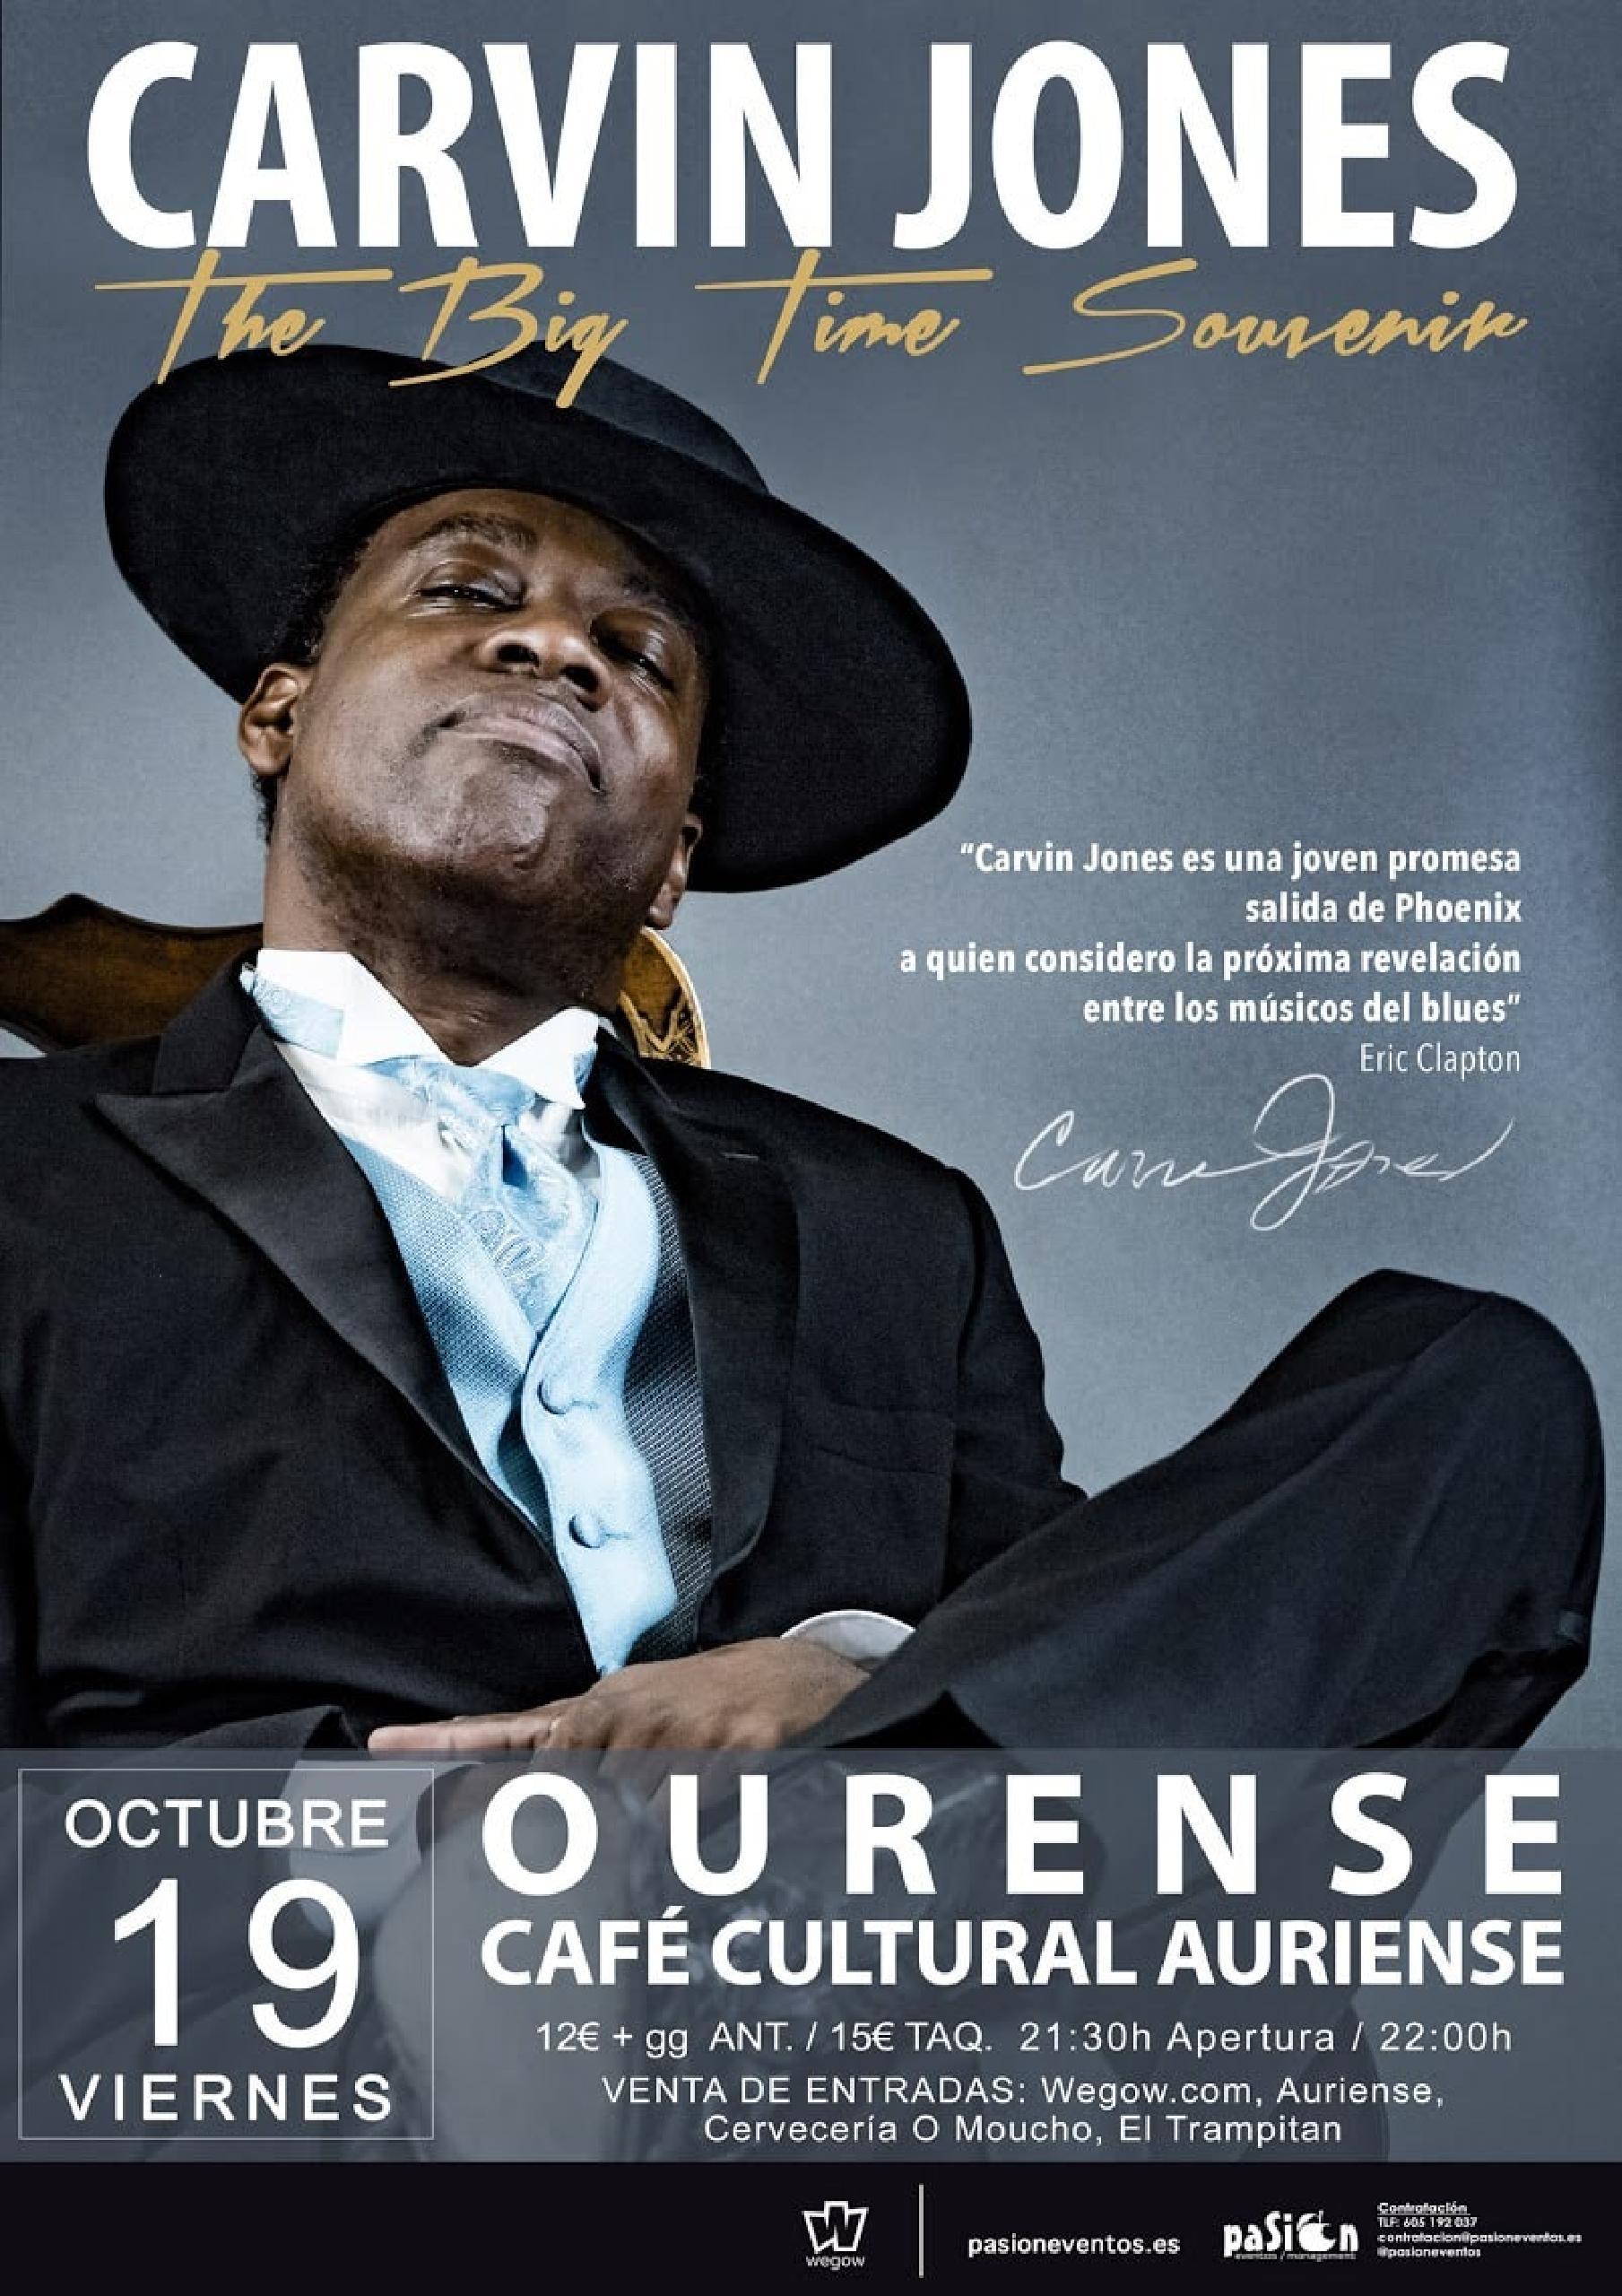 Concierto de Carvin Jones en Ourense